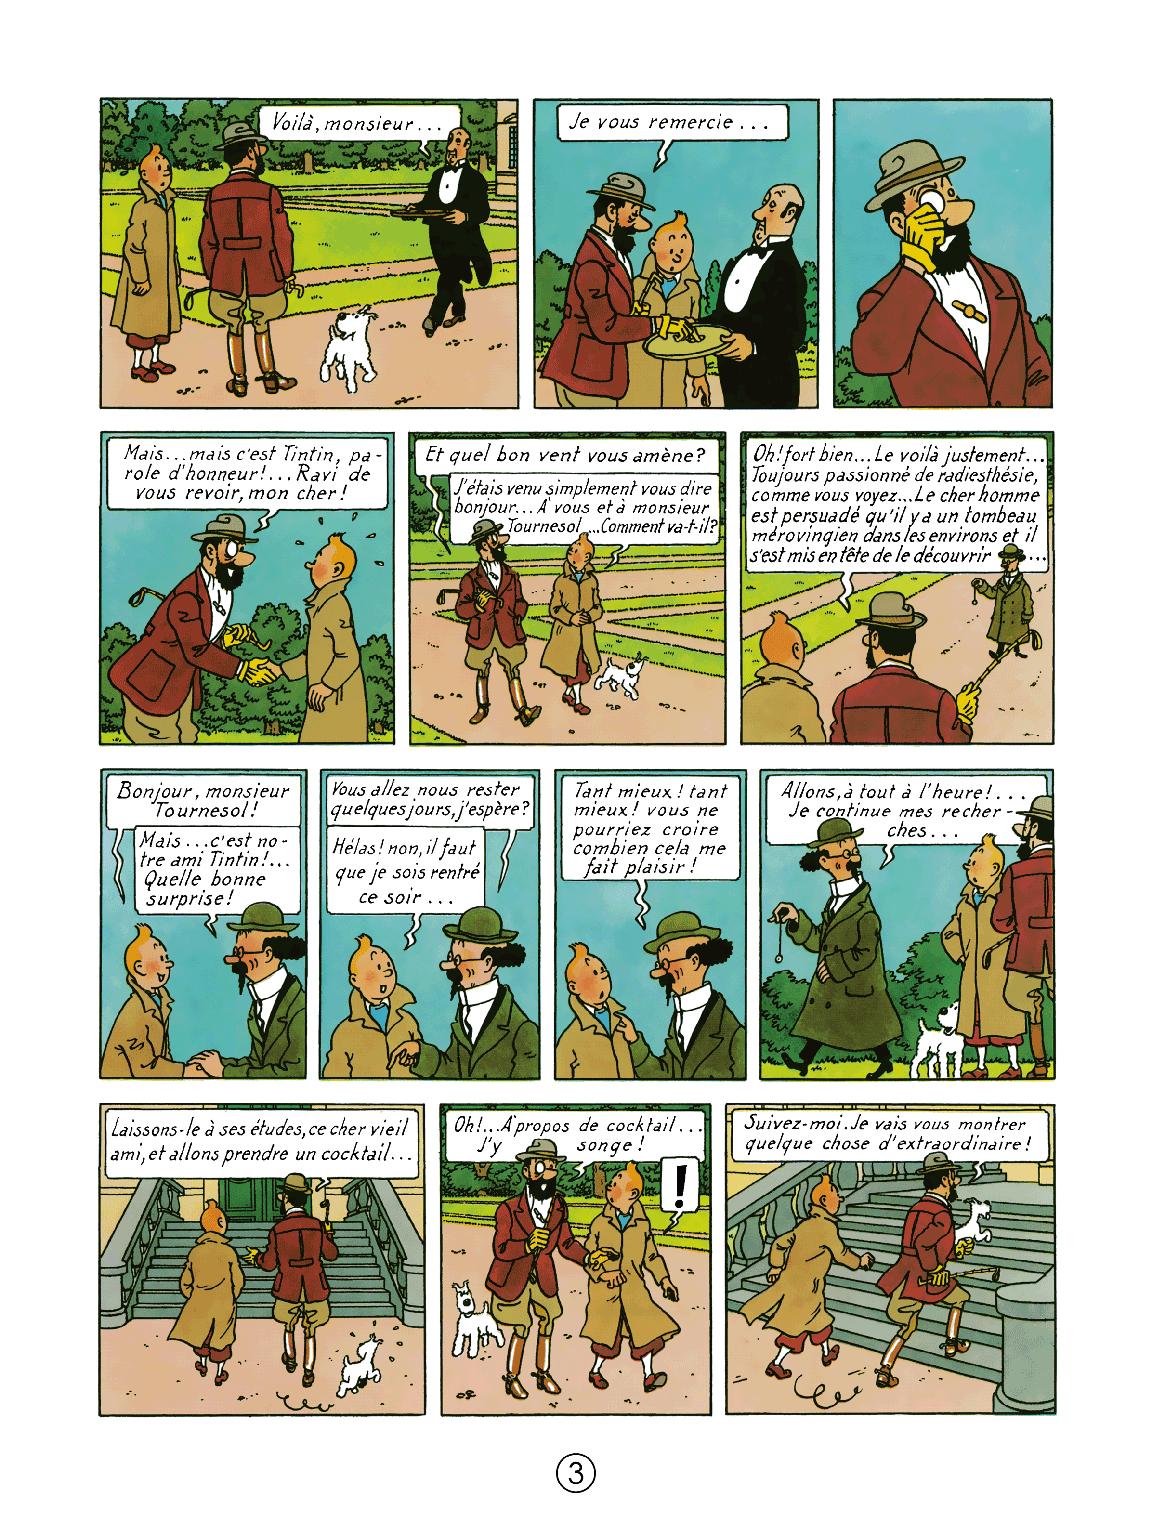 Les 7 Boules de cristal - page 3